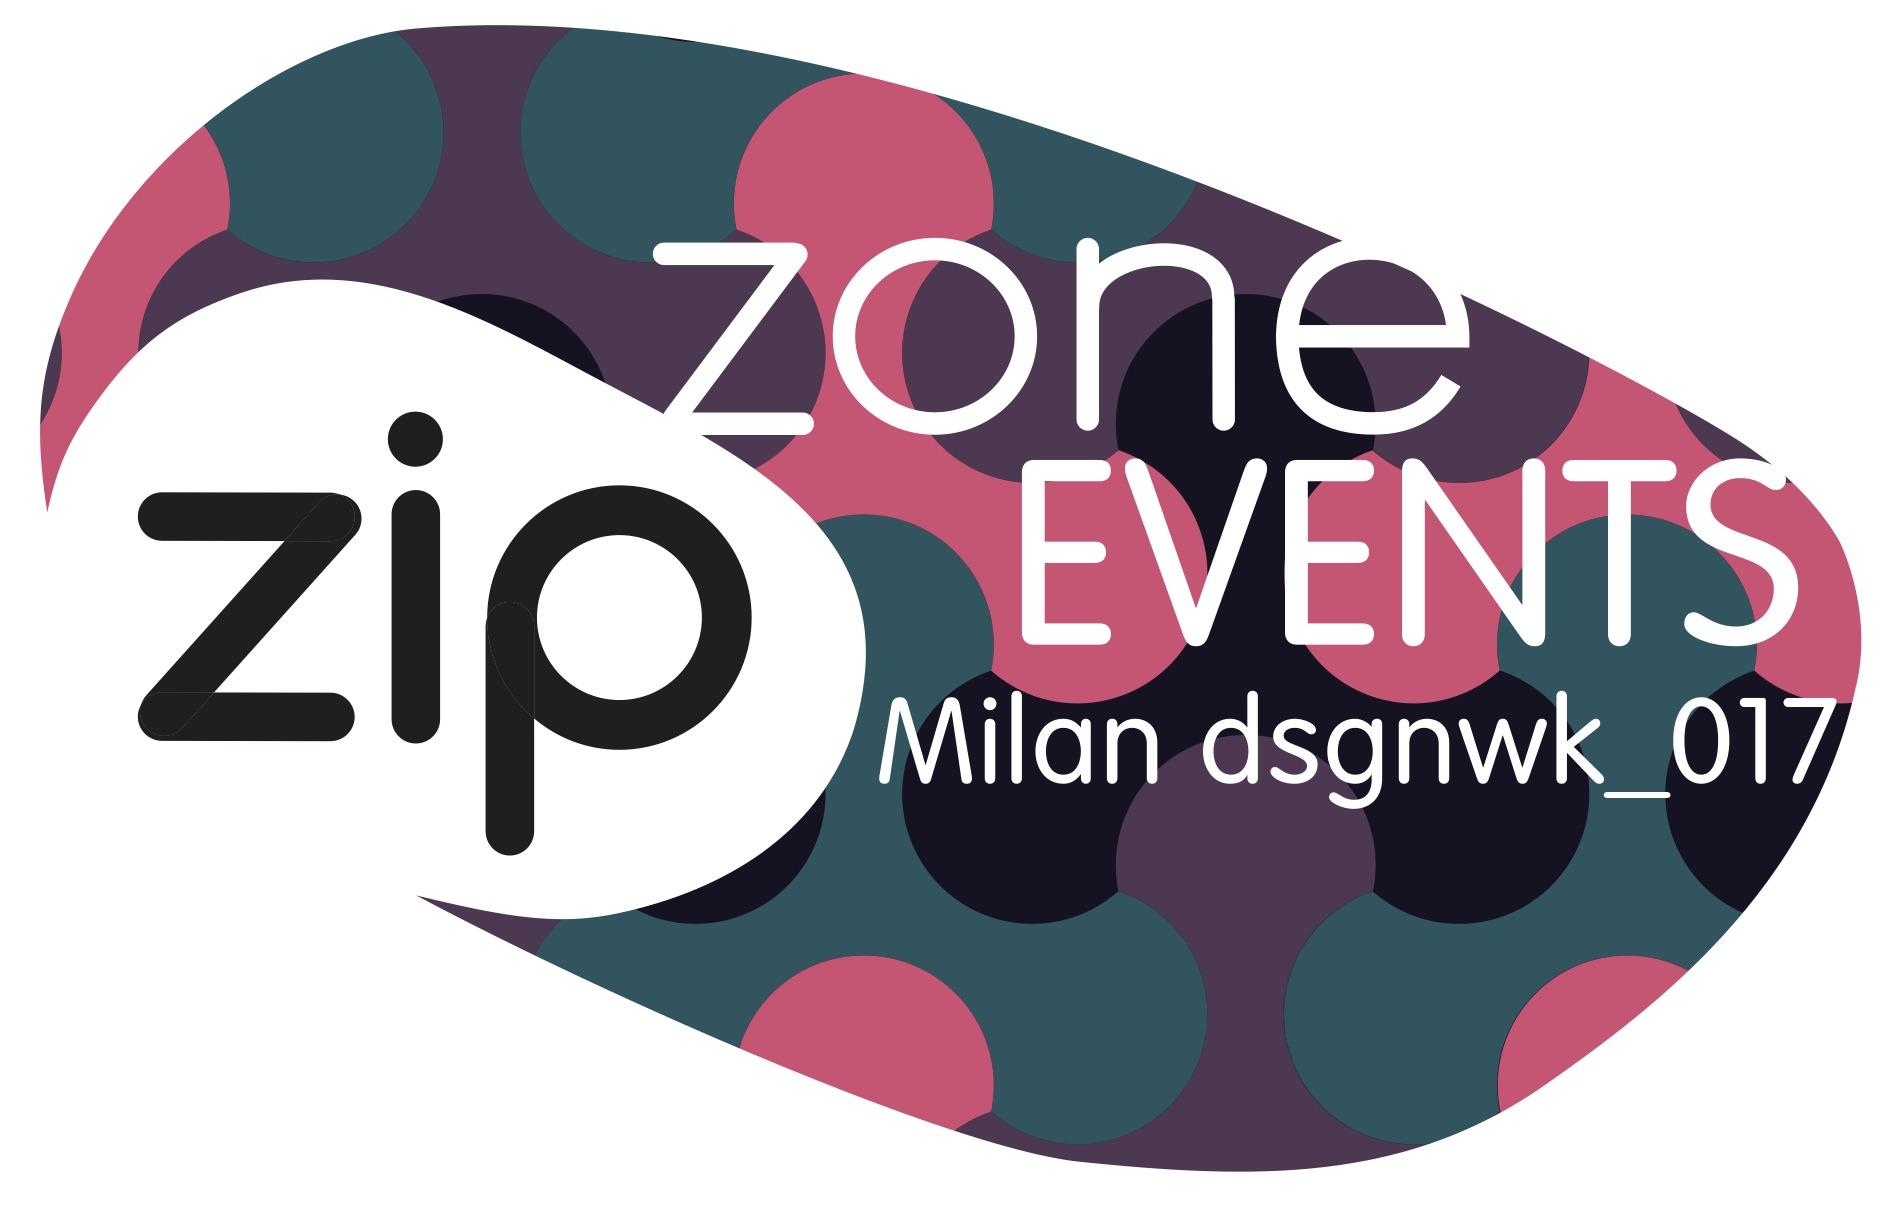 Fuorisalone: con Zip Zone innovativa formula moda, arte e design